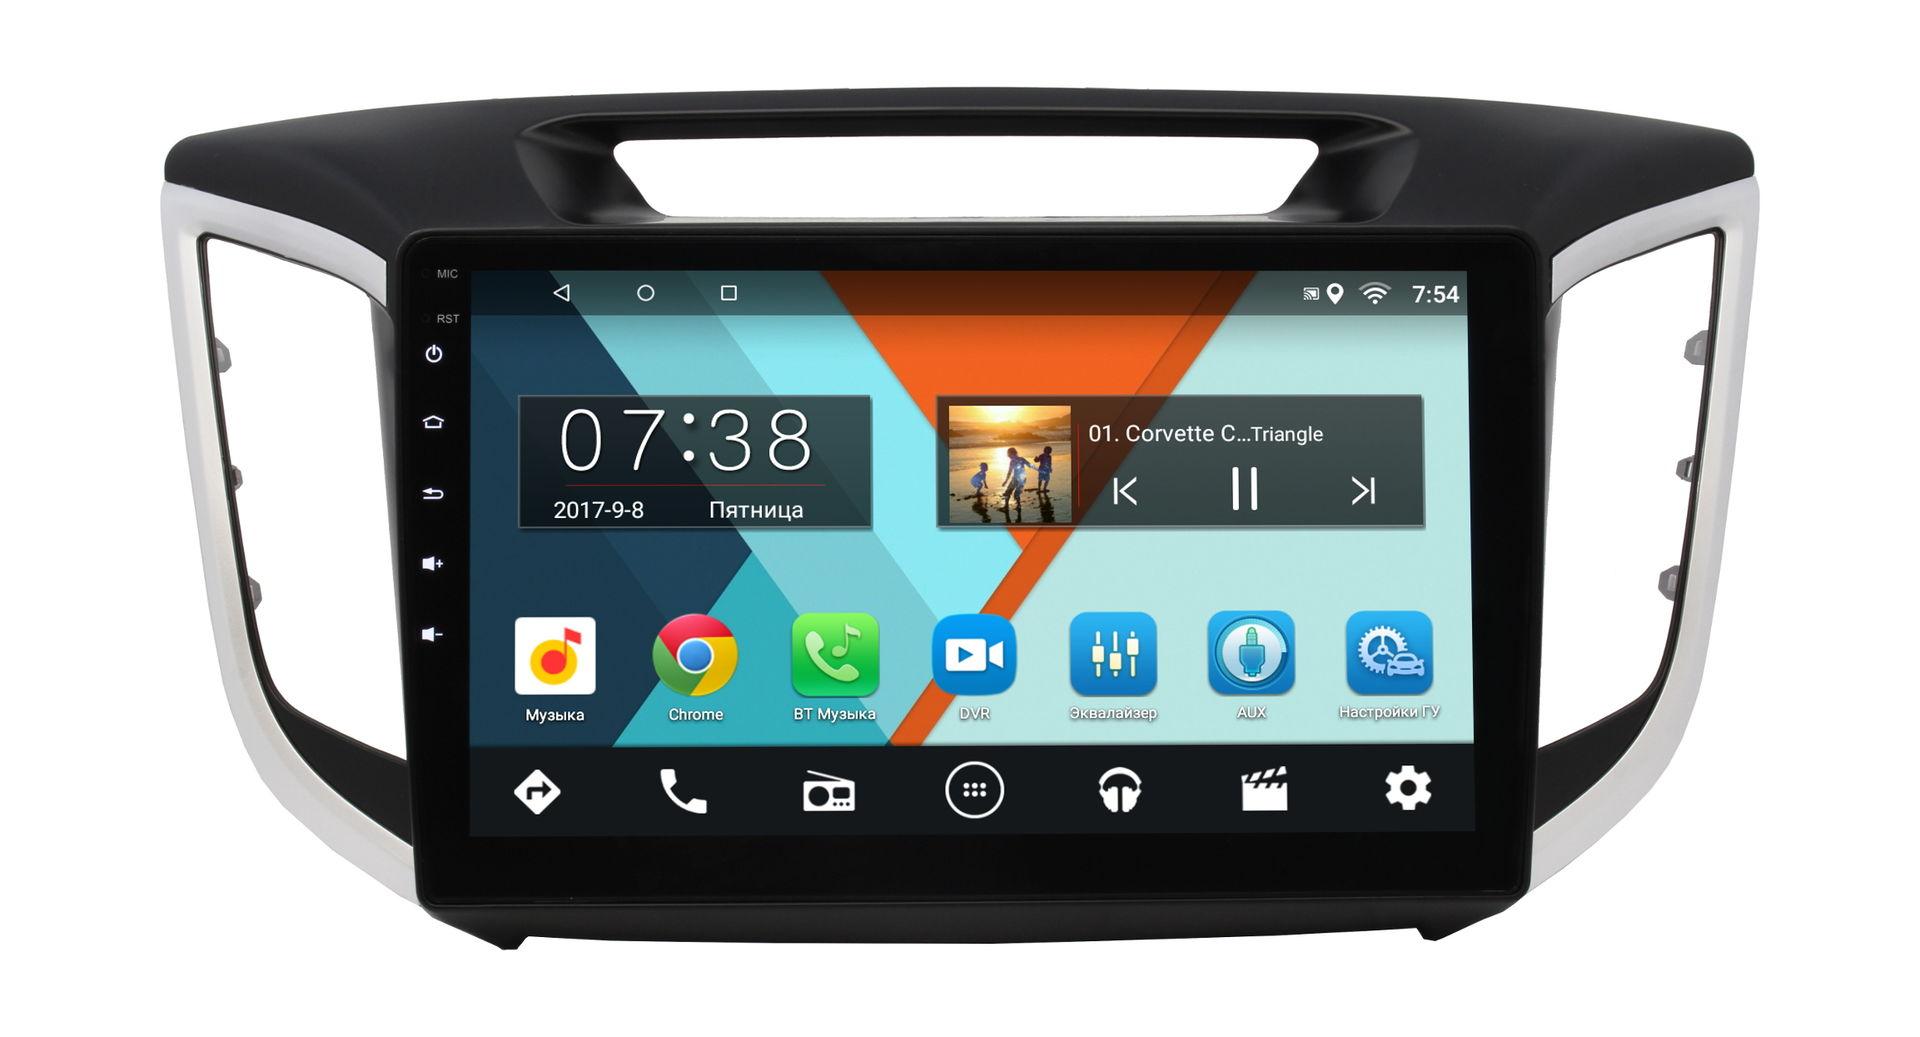 Штатная магнитола Hyundai Creta 2016-2018 Wide Media MT1028MF-1/16 на Android 6.0.1 для авто без камеры авто химия